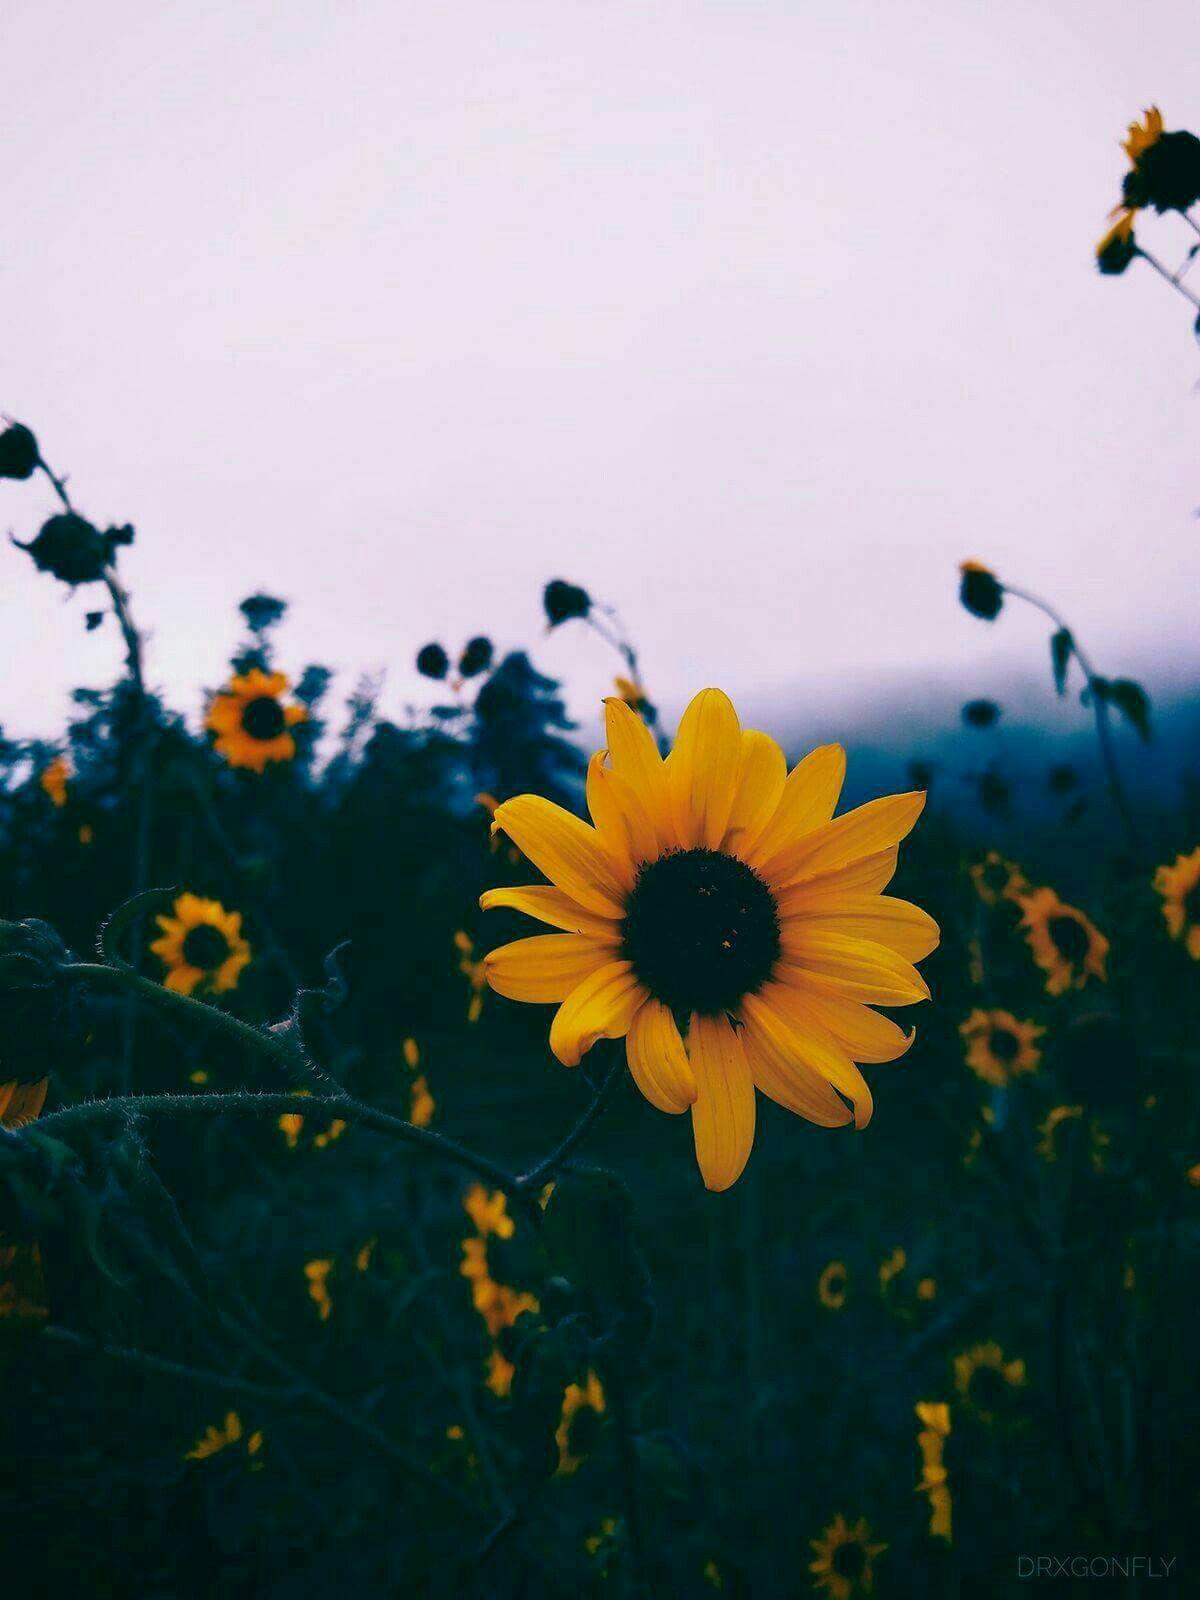 Sunflowers Sunflower Wallpaper Tumblr Backgrounds Flower Aesthetic